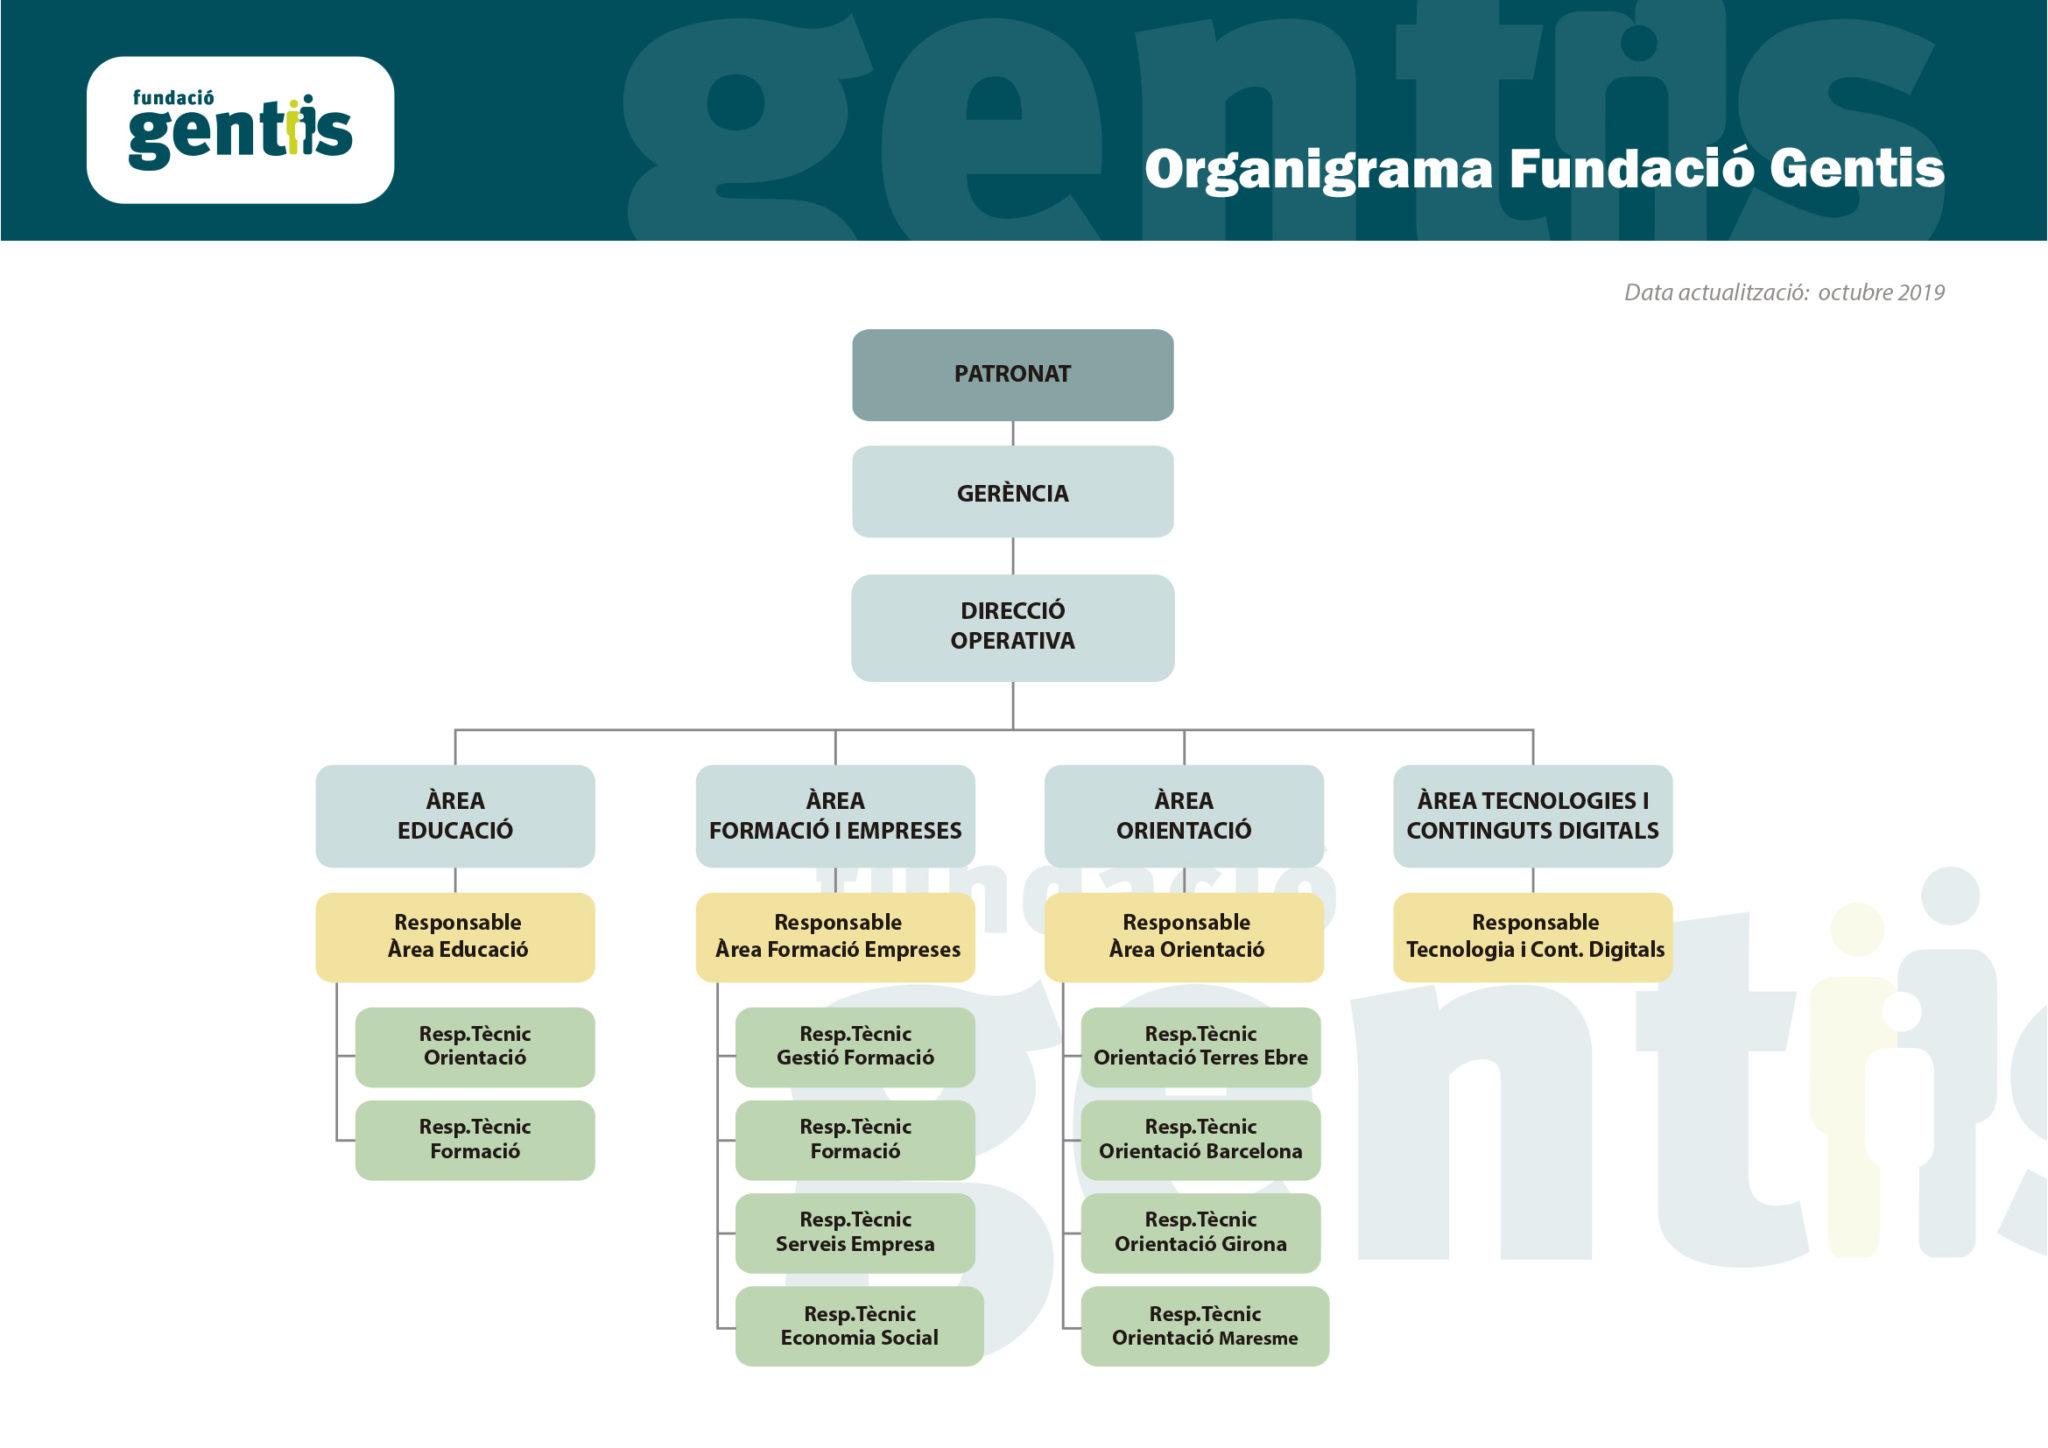 Organigrama Fundació Gentis